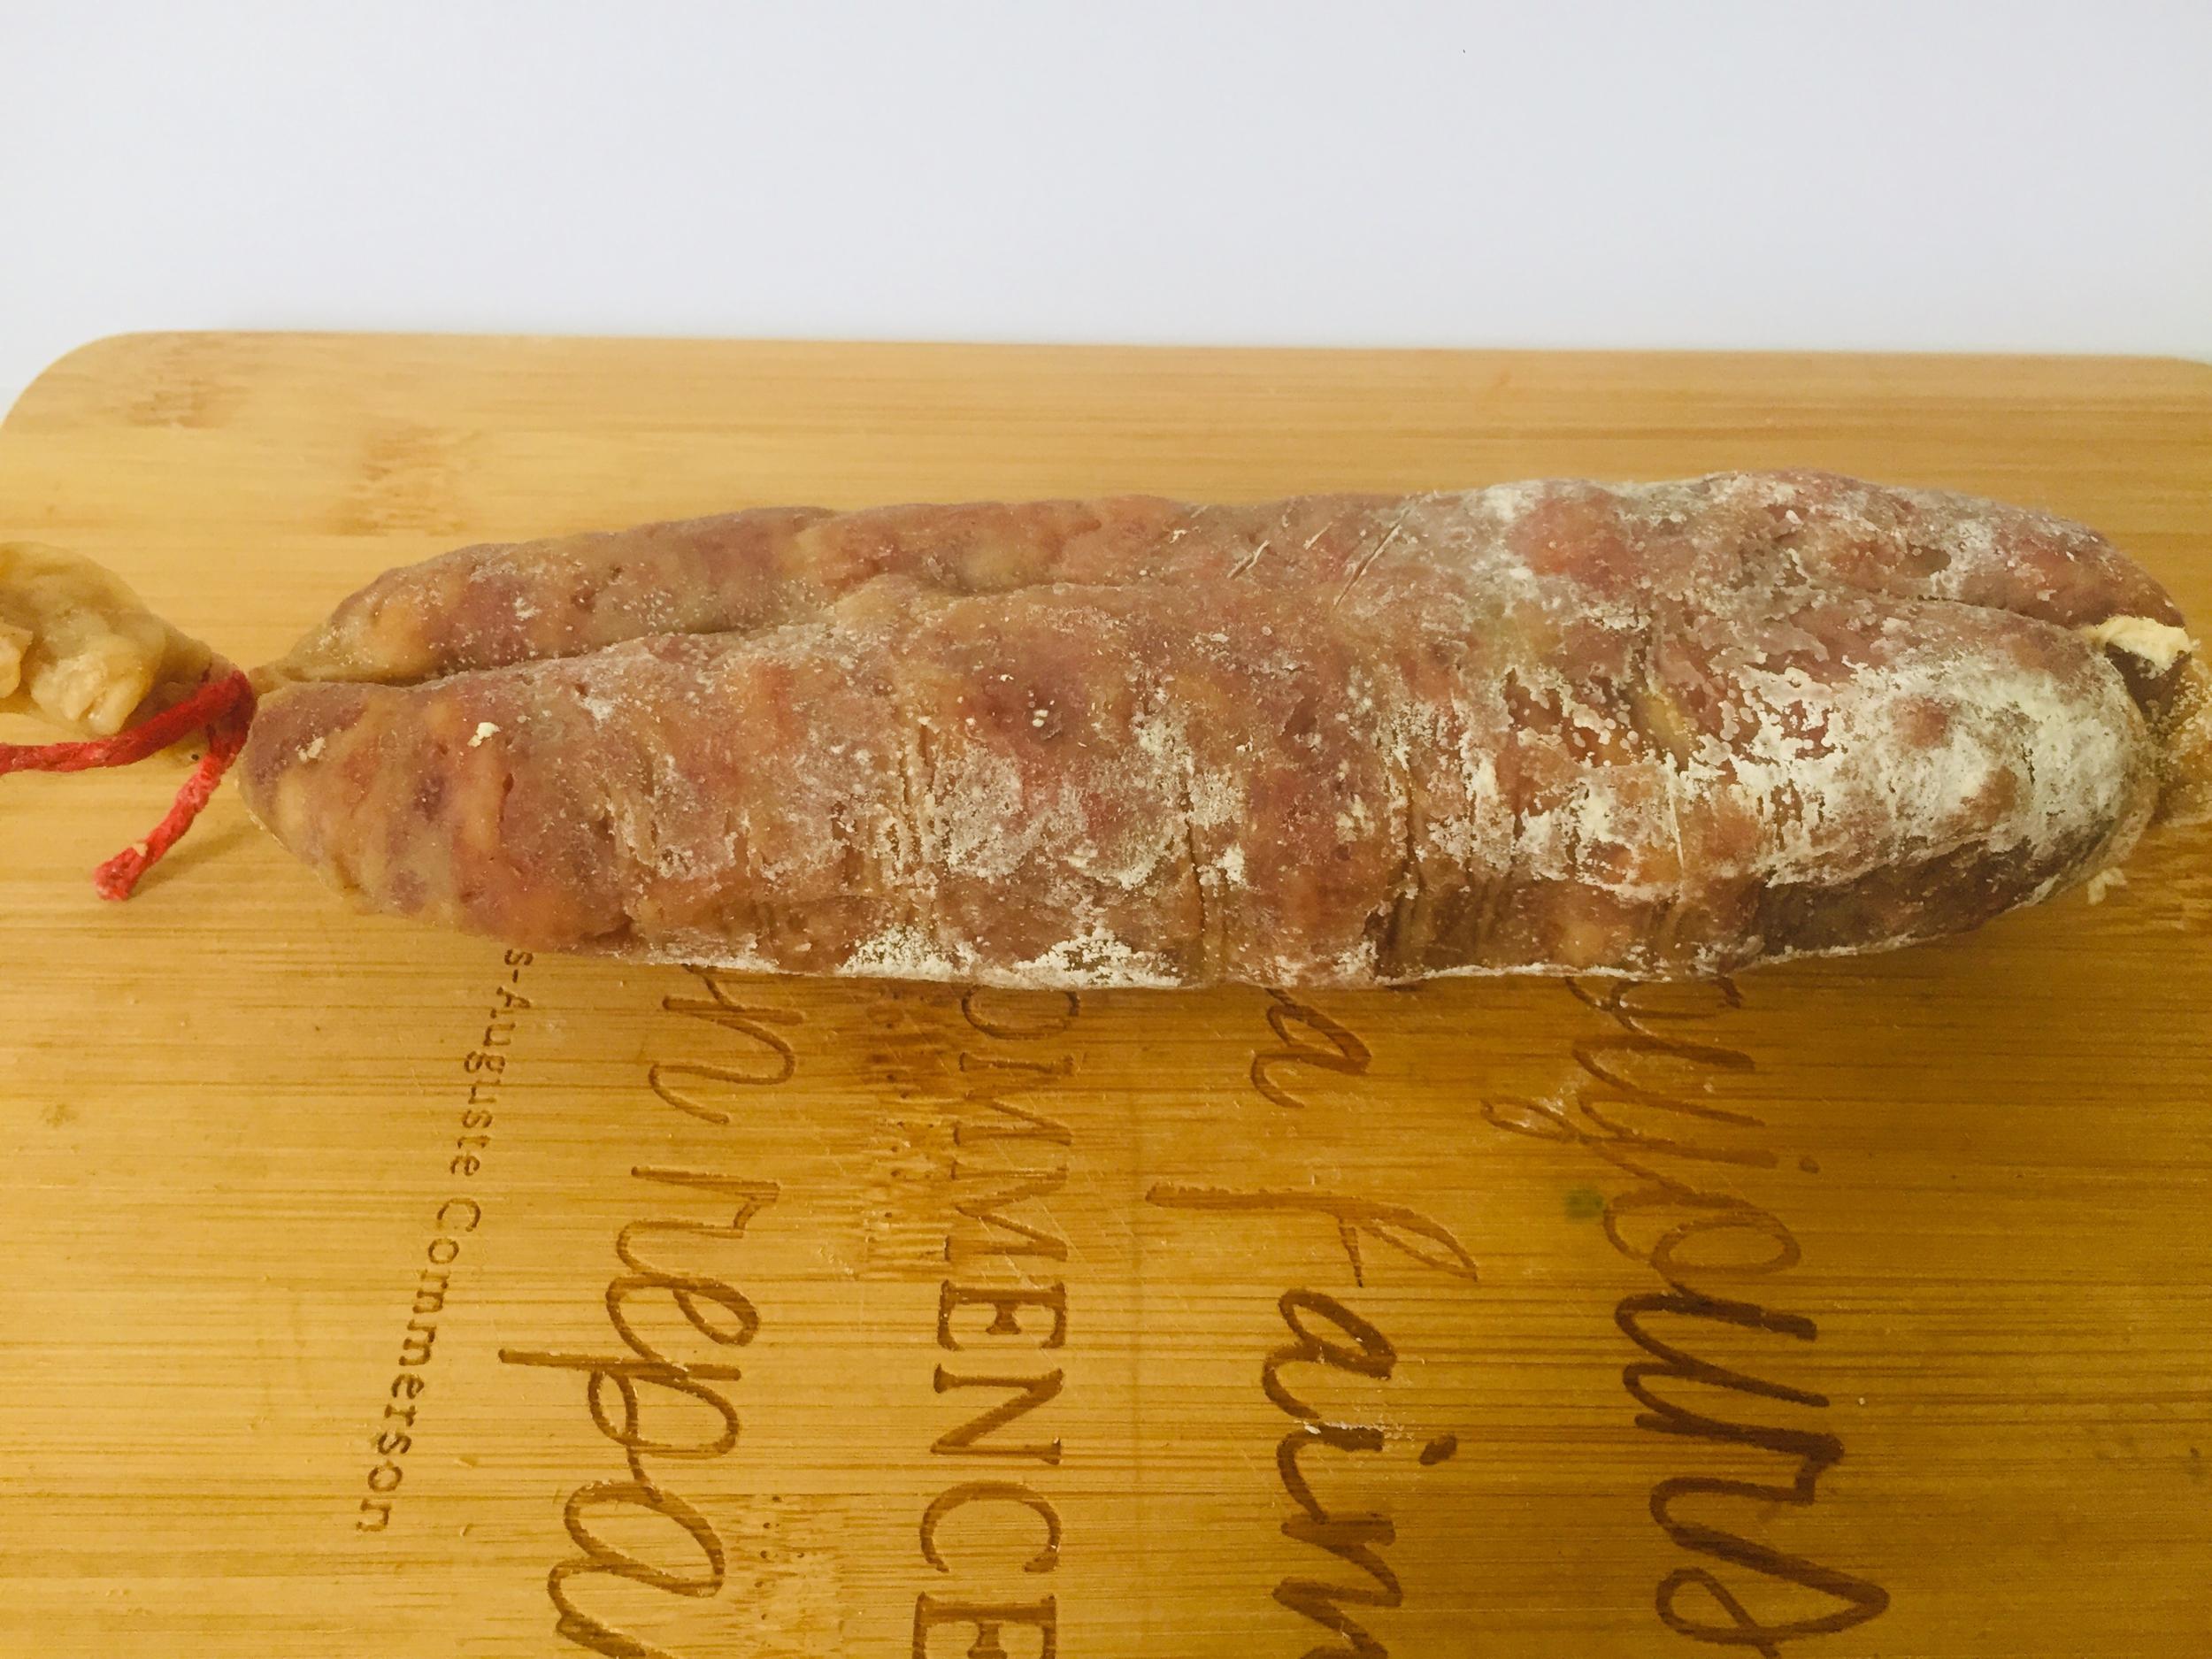 Saucisson artisanal de porc du Pays basque au piment d\'Espelette